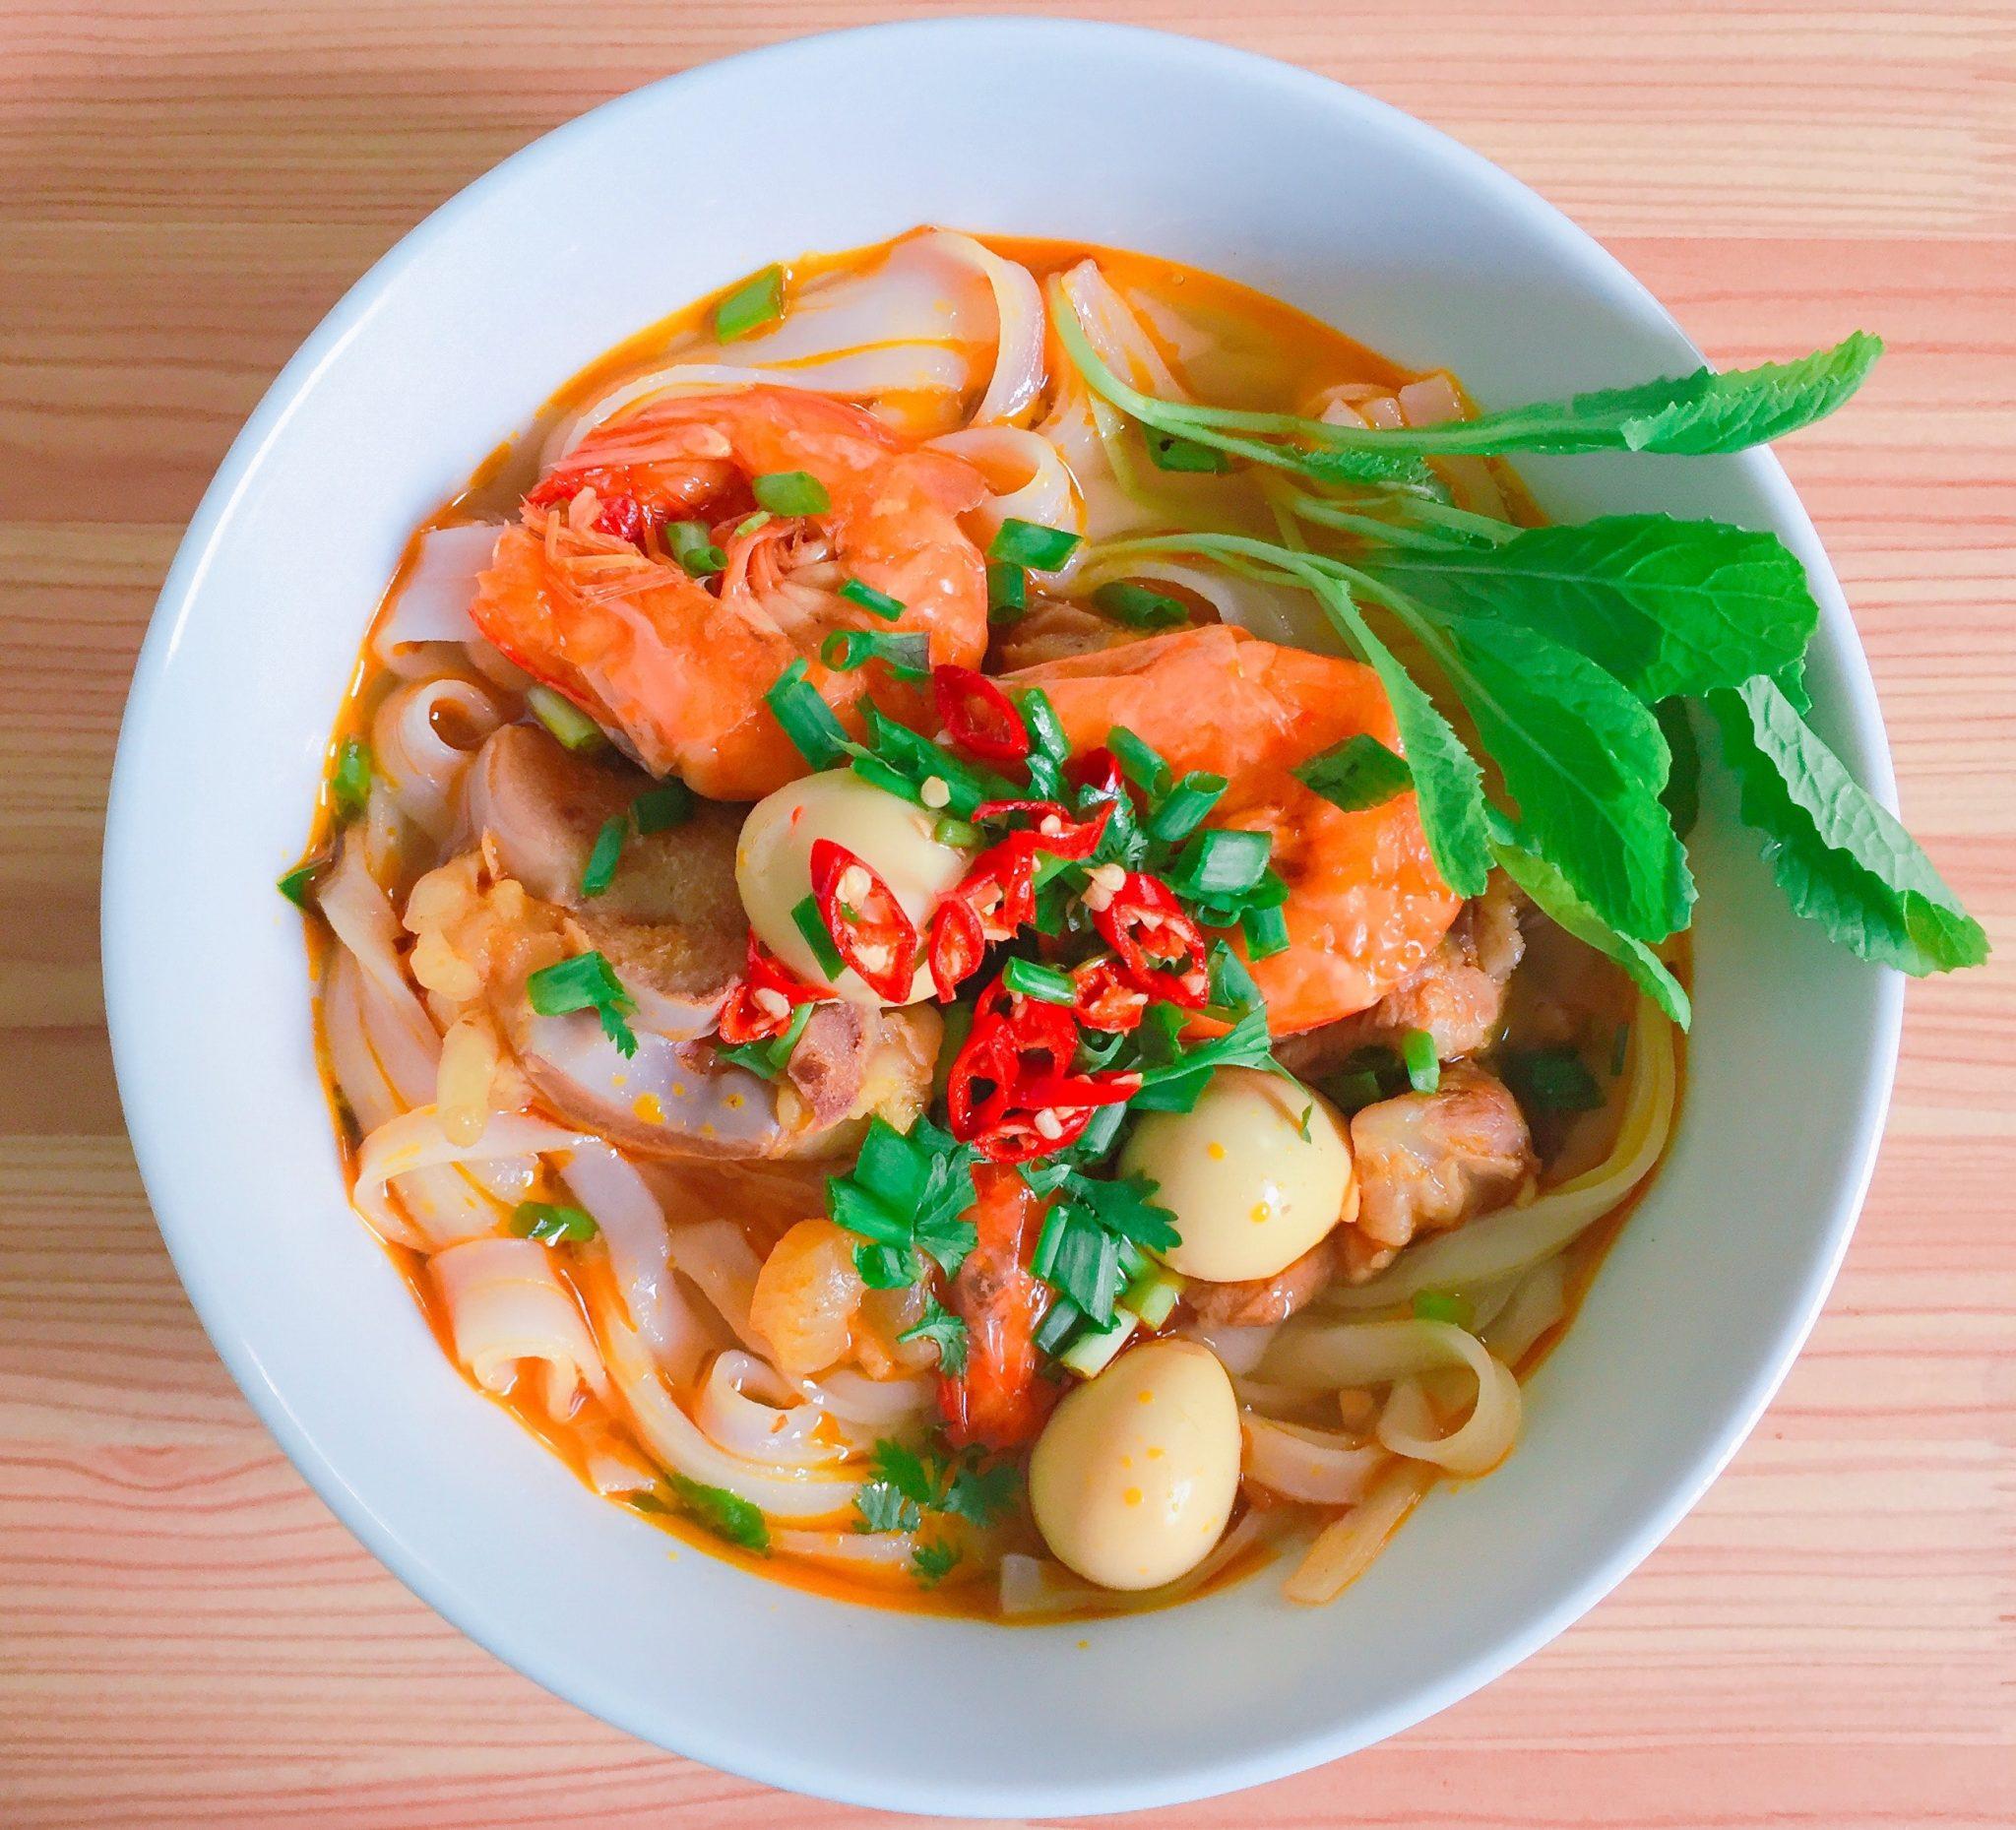 Asijská polévka s krevtami, rýžovymi nudlemii, chilli a koriandrem